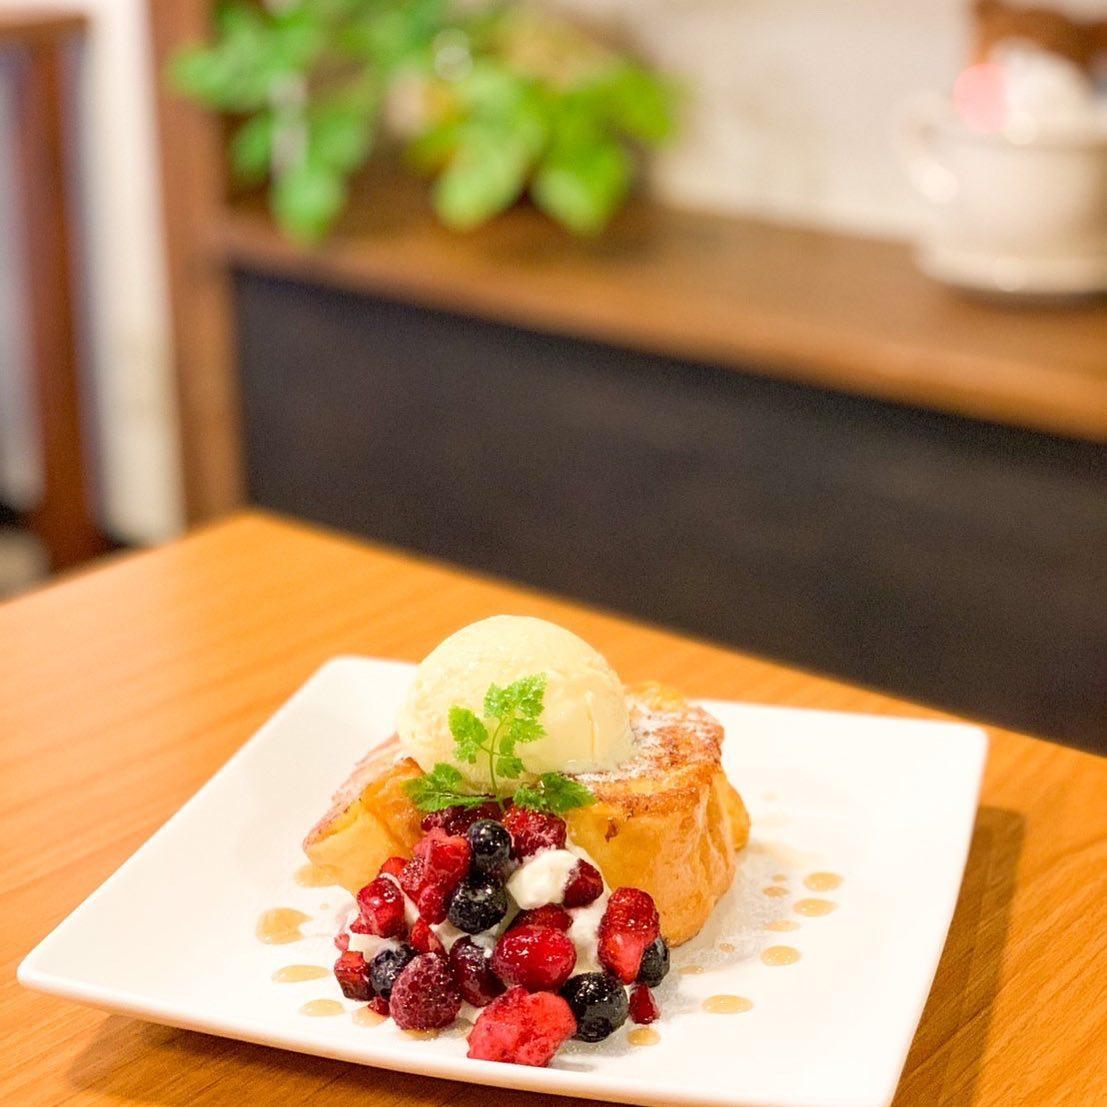 フレンチトーストは14:00から(//∇//)おはようございますFIKACOFFEEエリカですフレンチトーストは14:00からのご提供です♪ミックスベリー(画像)と黒蜜きな粉の2種類ありますどっちが好きかなーー??FIKA COFFEE(フィーカ コーヒー)福岡県福岡市博多区下川端町3-1 博多リバレイン1FTEL0922926601通常営業時間→平日9:00〜20:00  土日祝9:00〜18:00店休日→不定休(早く閉めたり休んだりすることもあります)10月1日より店内営業再開です!アルコールもご提供再開です!!新型コロナウイルス感染防止対策も徹底致しますので、ご協力お願いします!#カフェ #カフェ巡り #コーヒー #coffee#クッキー #cookies #焼き菓子 #ケーキ #チーズケーキ #福岡 #福岡カフェ #博多 #中洲 #博多リバレイン #博多座#くま #犬 #猫 #fikacoffee #fika #自家焙煎珈琲 #くまチョコミルク #うむぷ #赤毛のマチコ #マルオ #スイーツ #チョコ #コーヒーゼリー